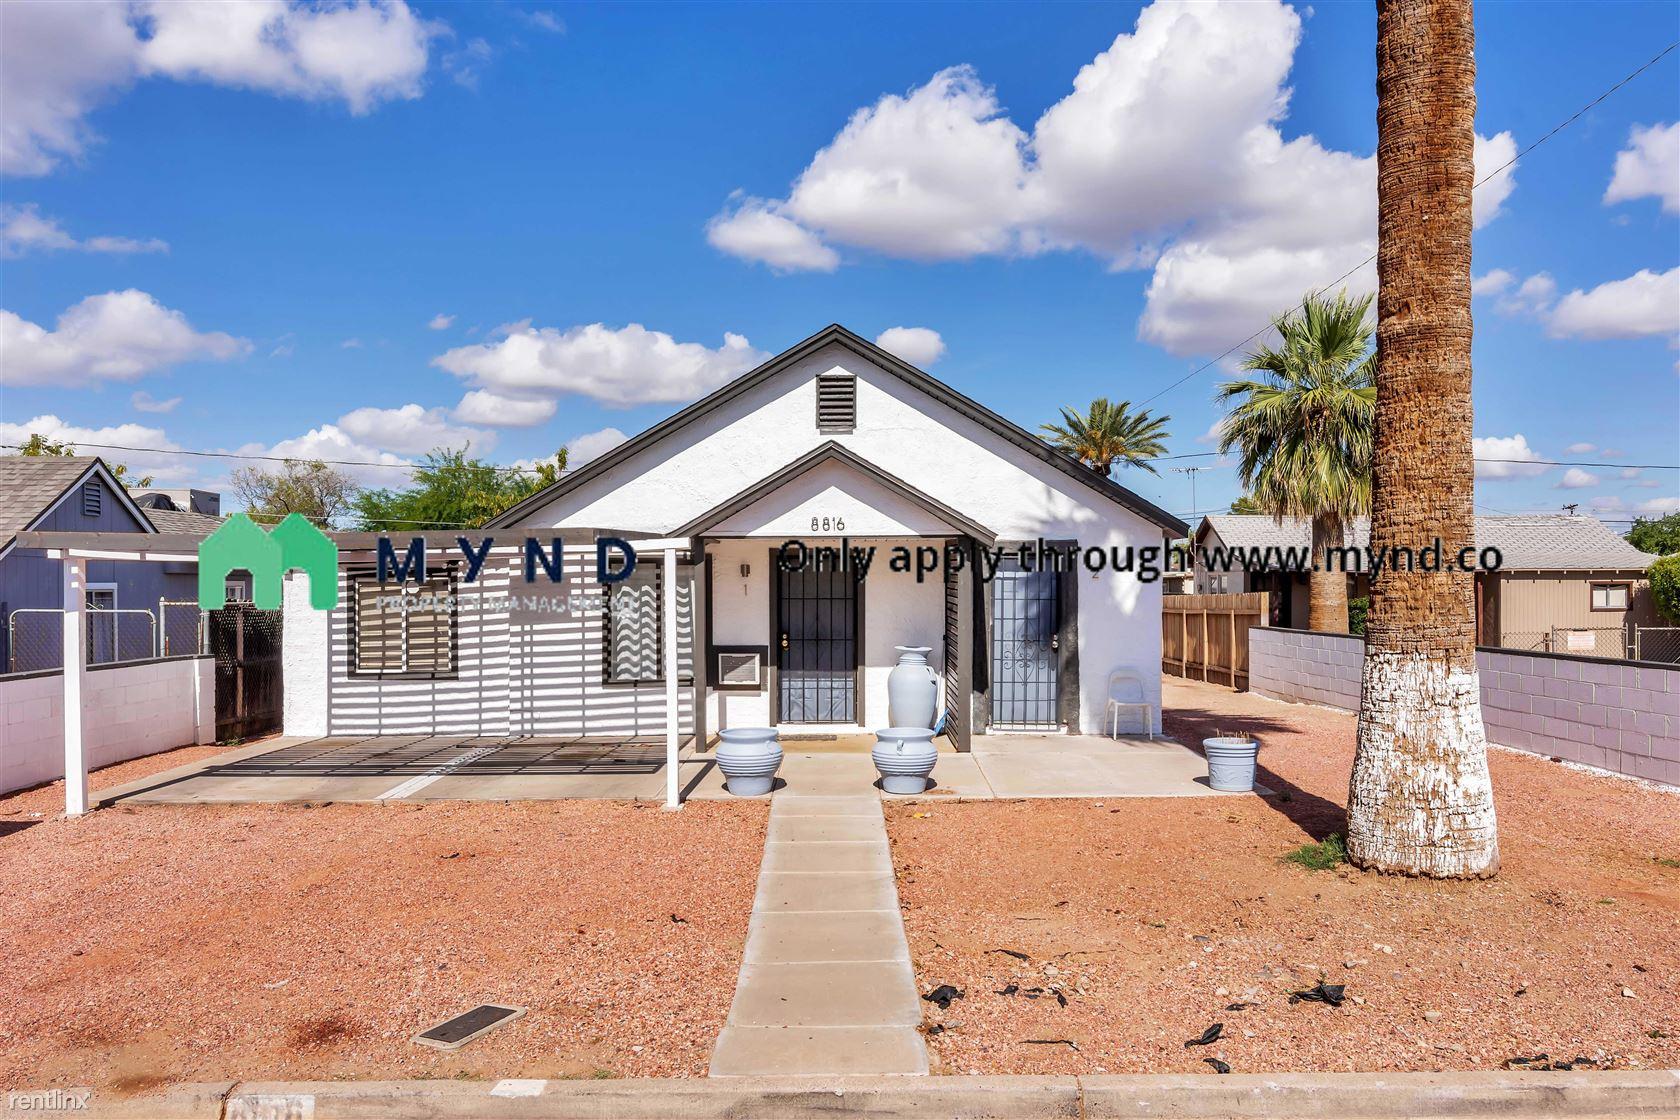 8816 N 6th Pl Unit 1, Phoenix, AZ - $825